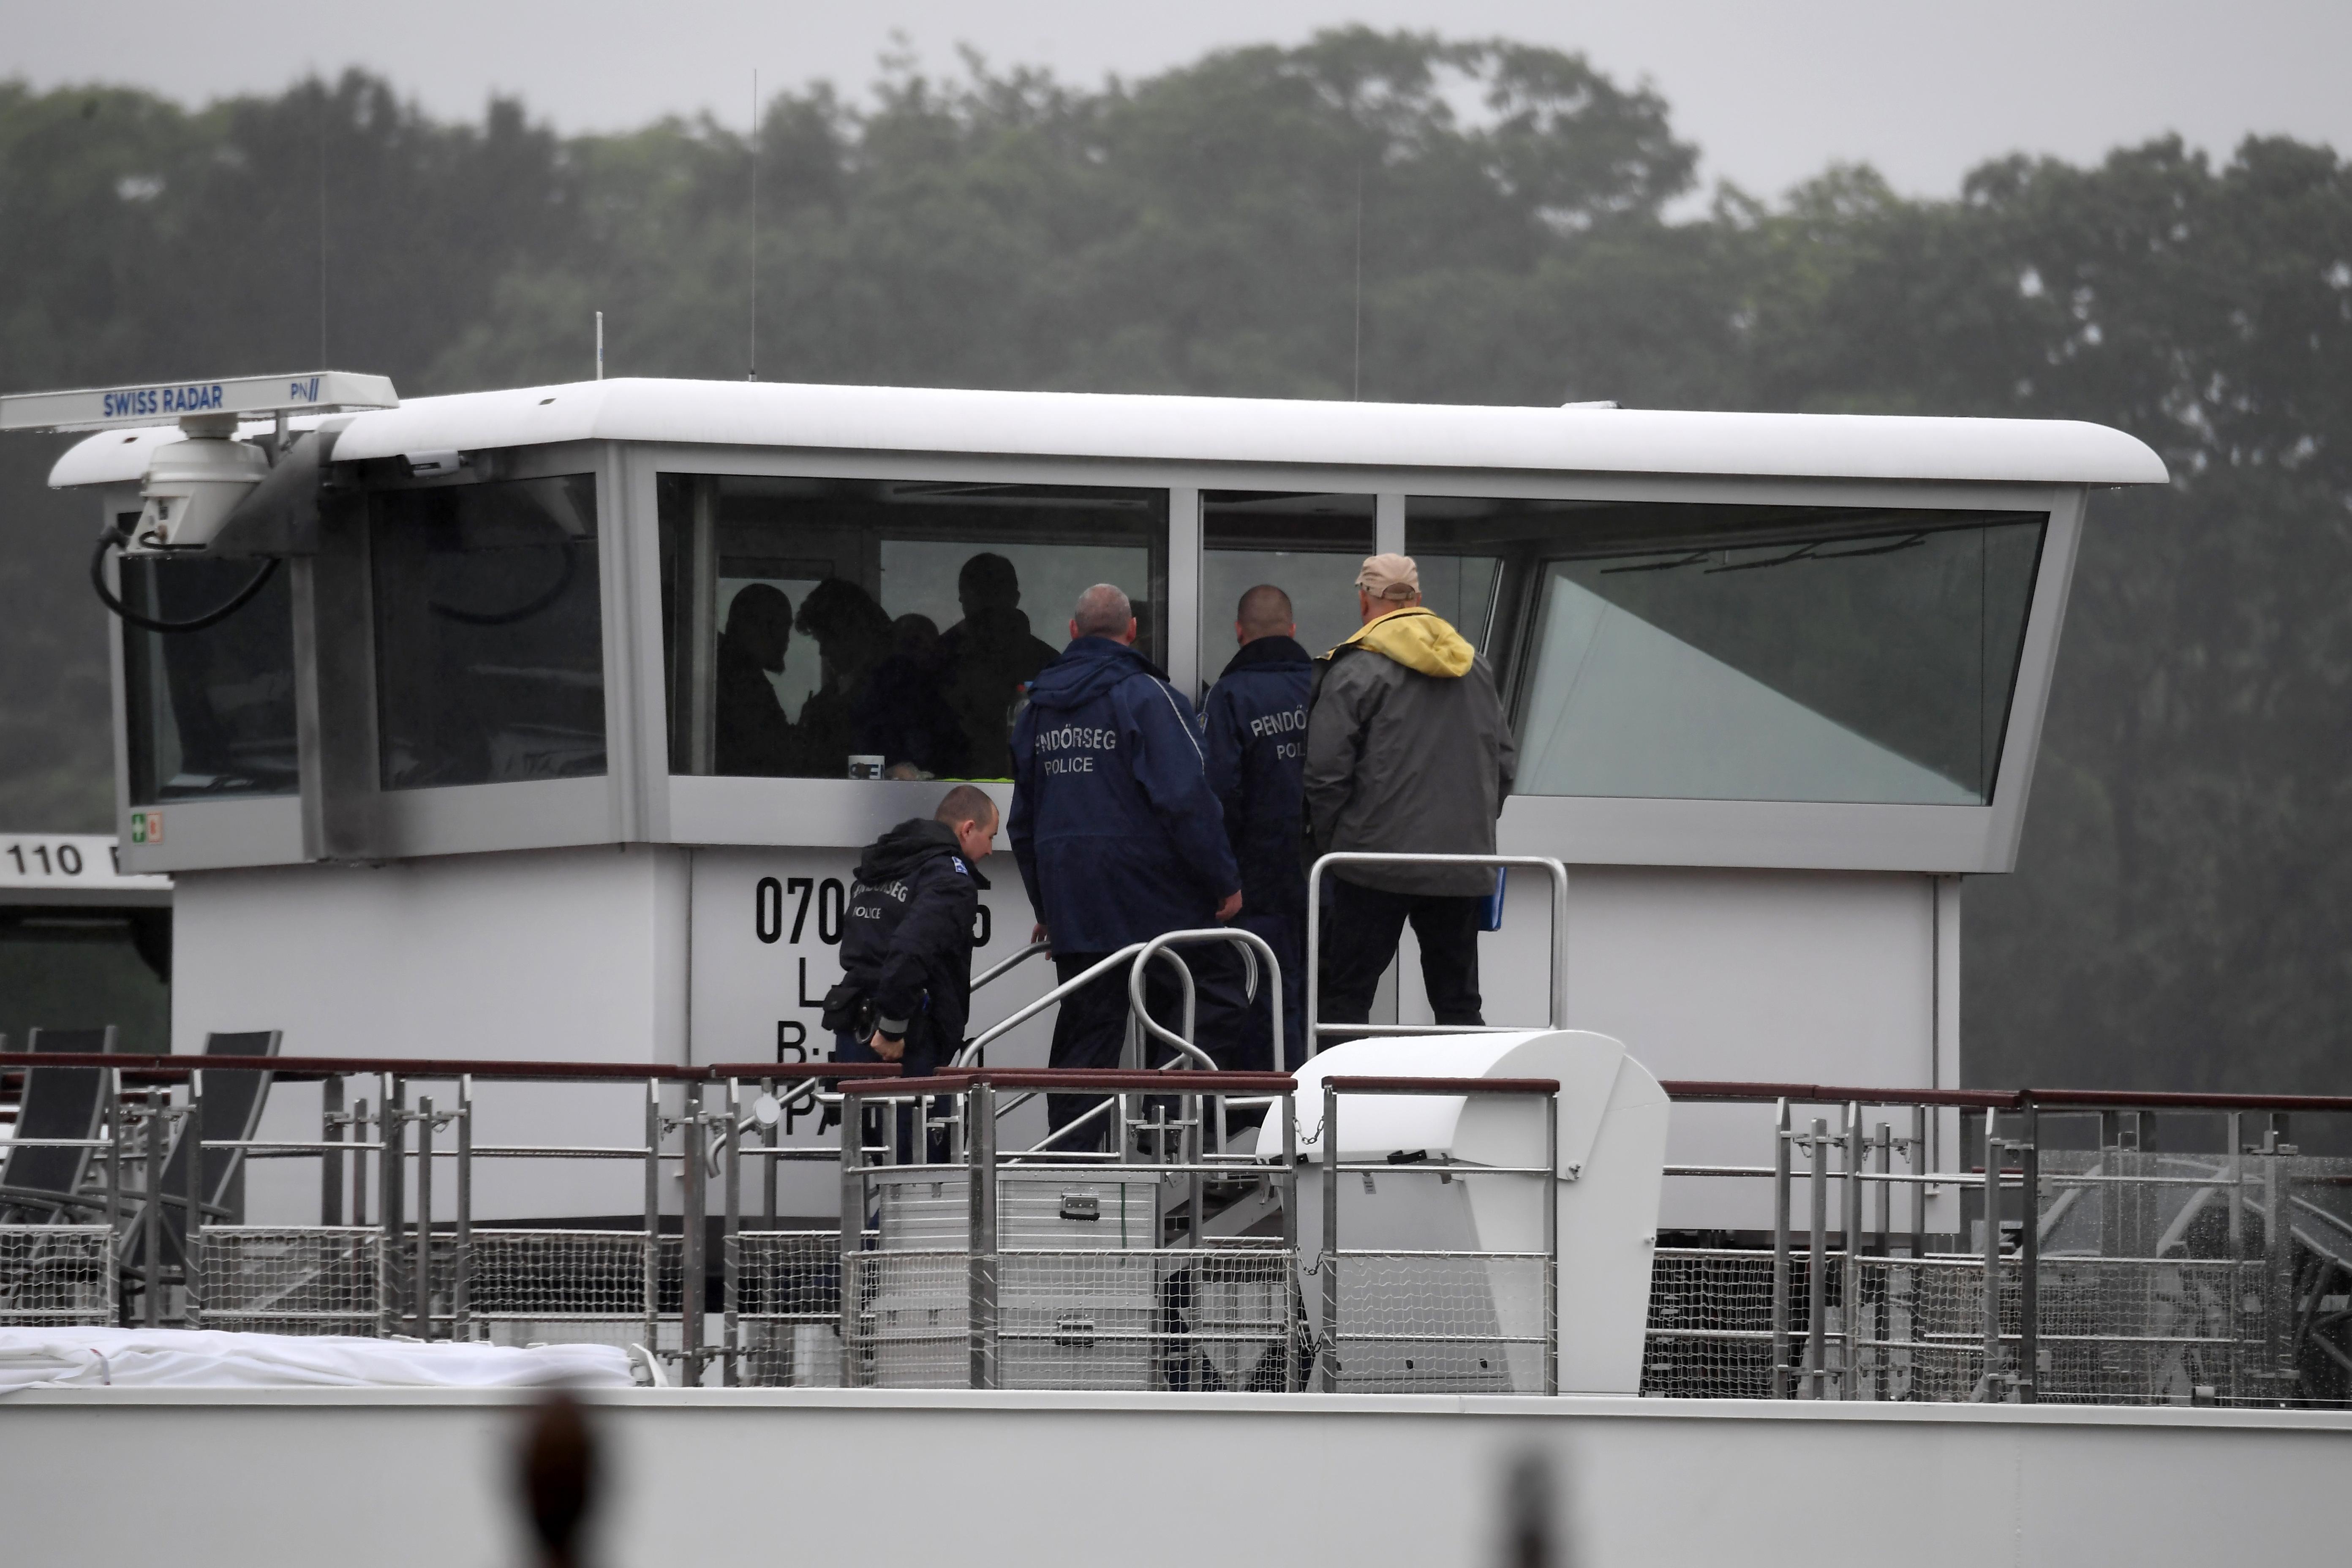 Szabadlábra kerülhet az ukrán hajóskapitány, ha letesz 15 millió forint óvadékot